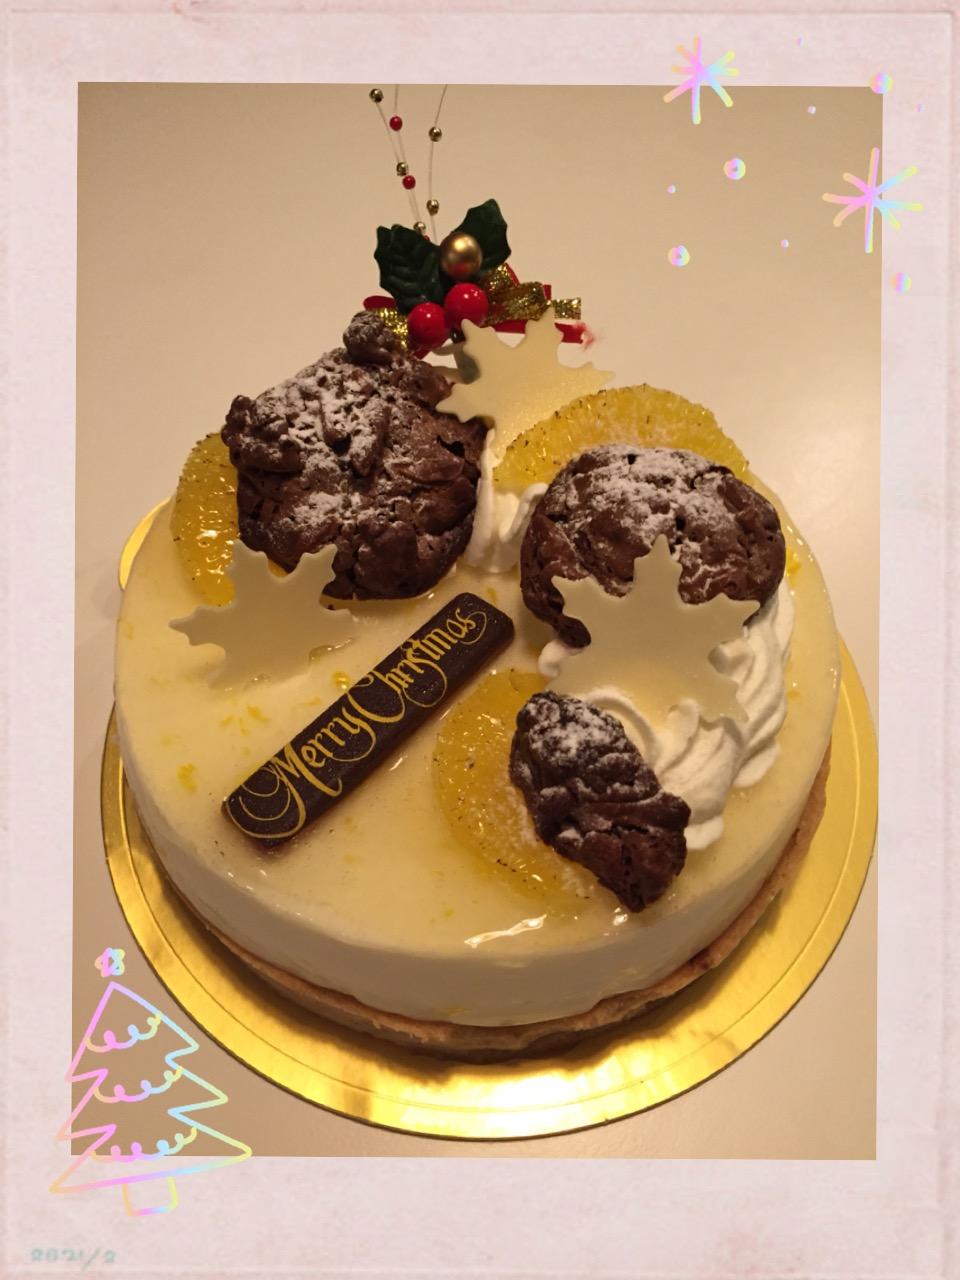 2014Xmas cake